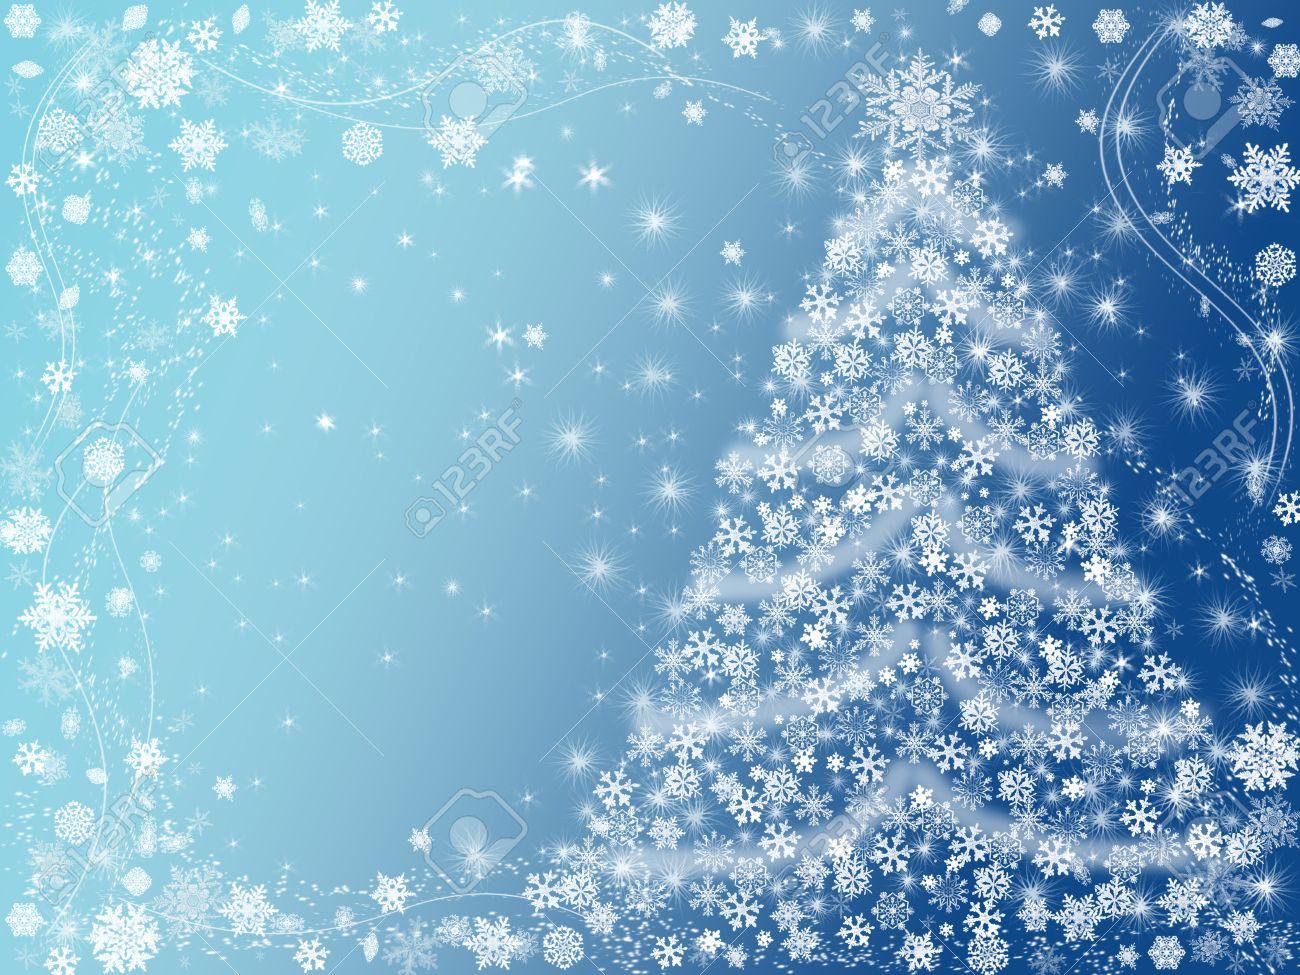 2073025-arbre-de-noël-dessinées-par-des-flocons-de-neige-blanc-sur-fond-bleu